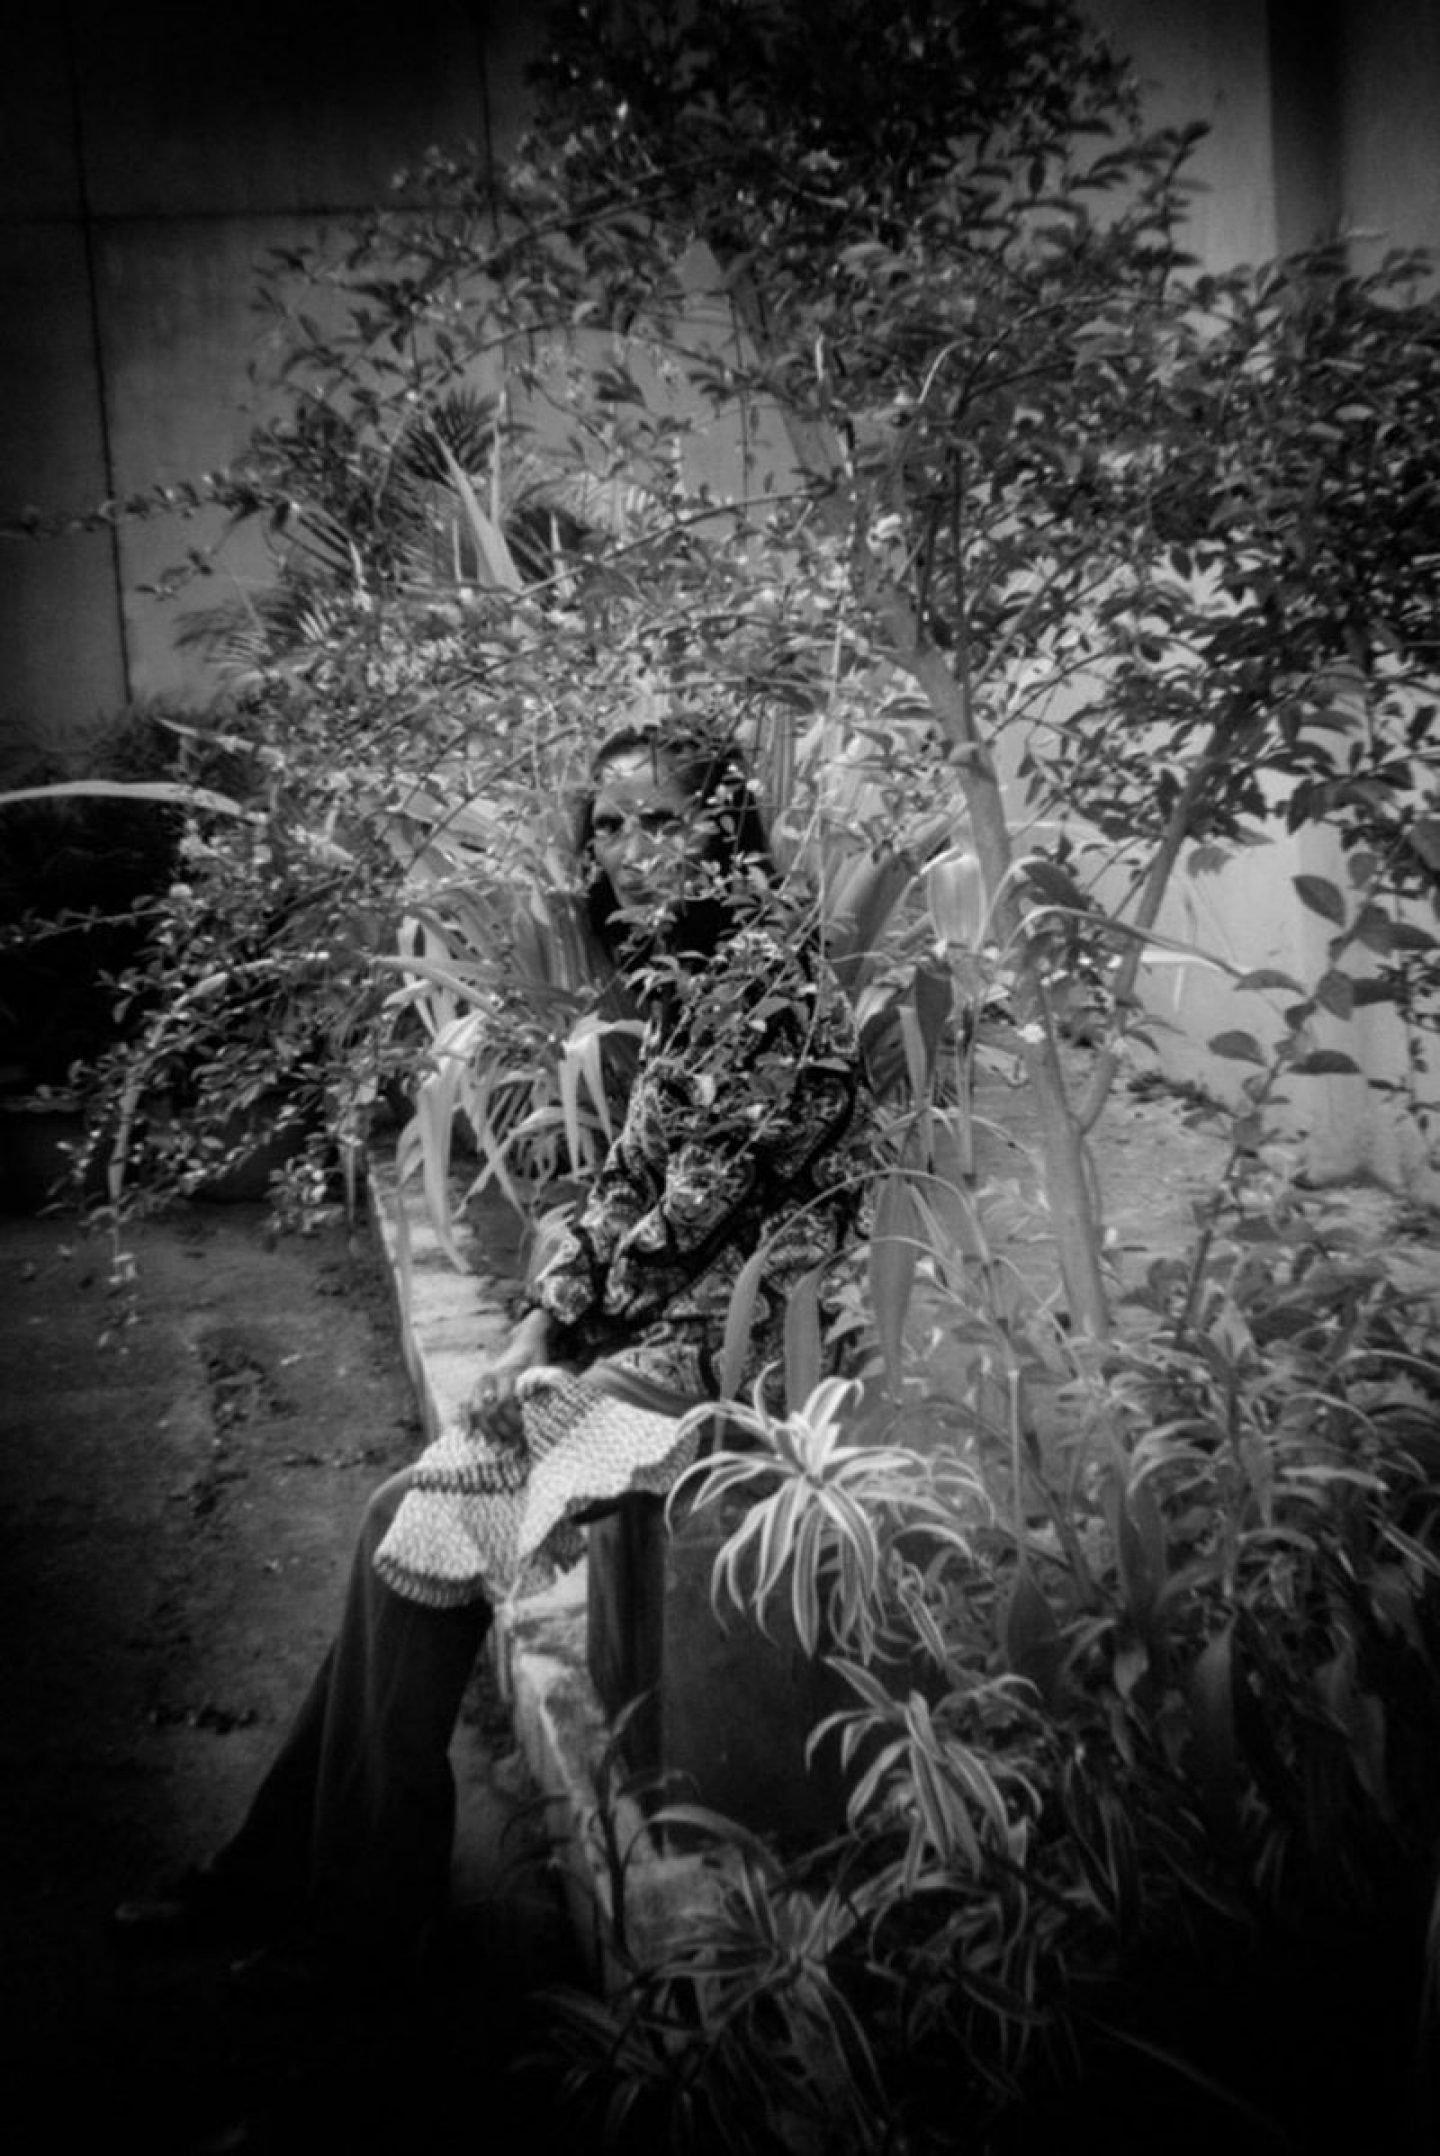 Photography_AlisonMcCauley_AnywhereButHere-07